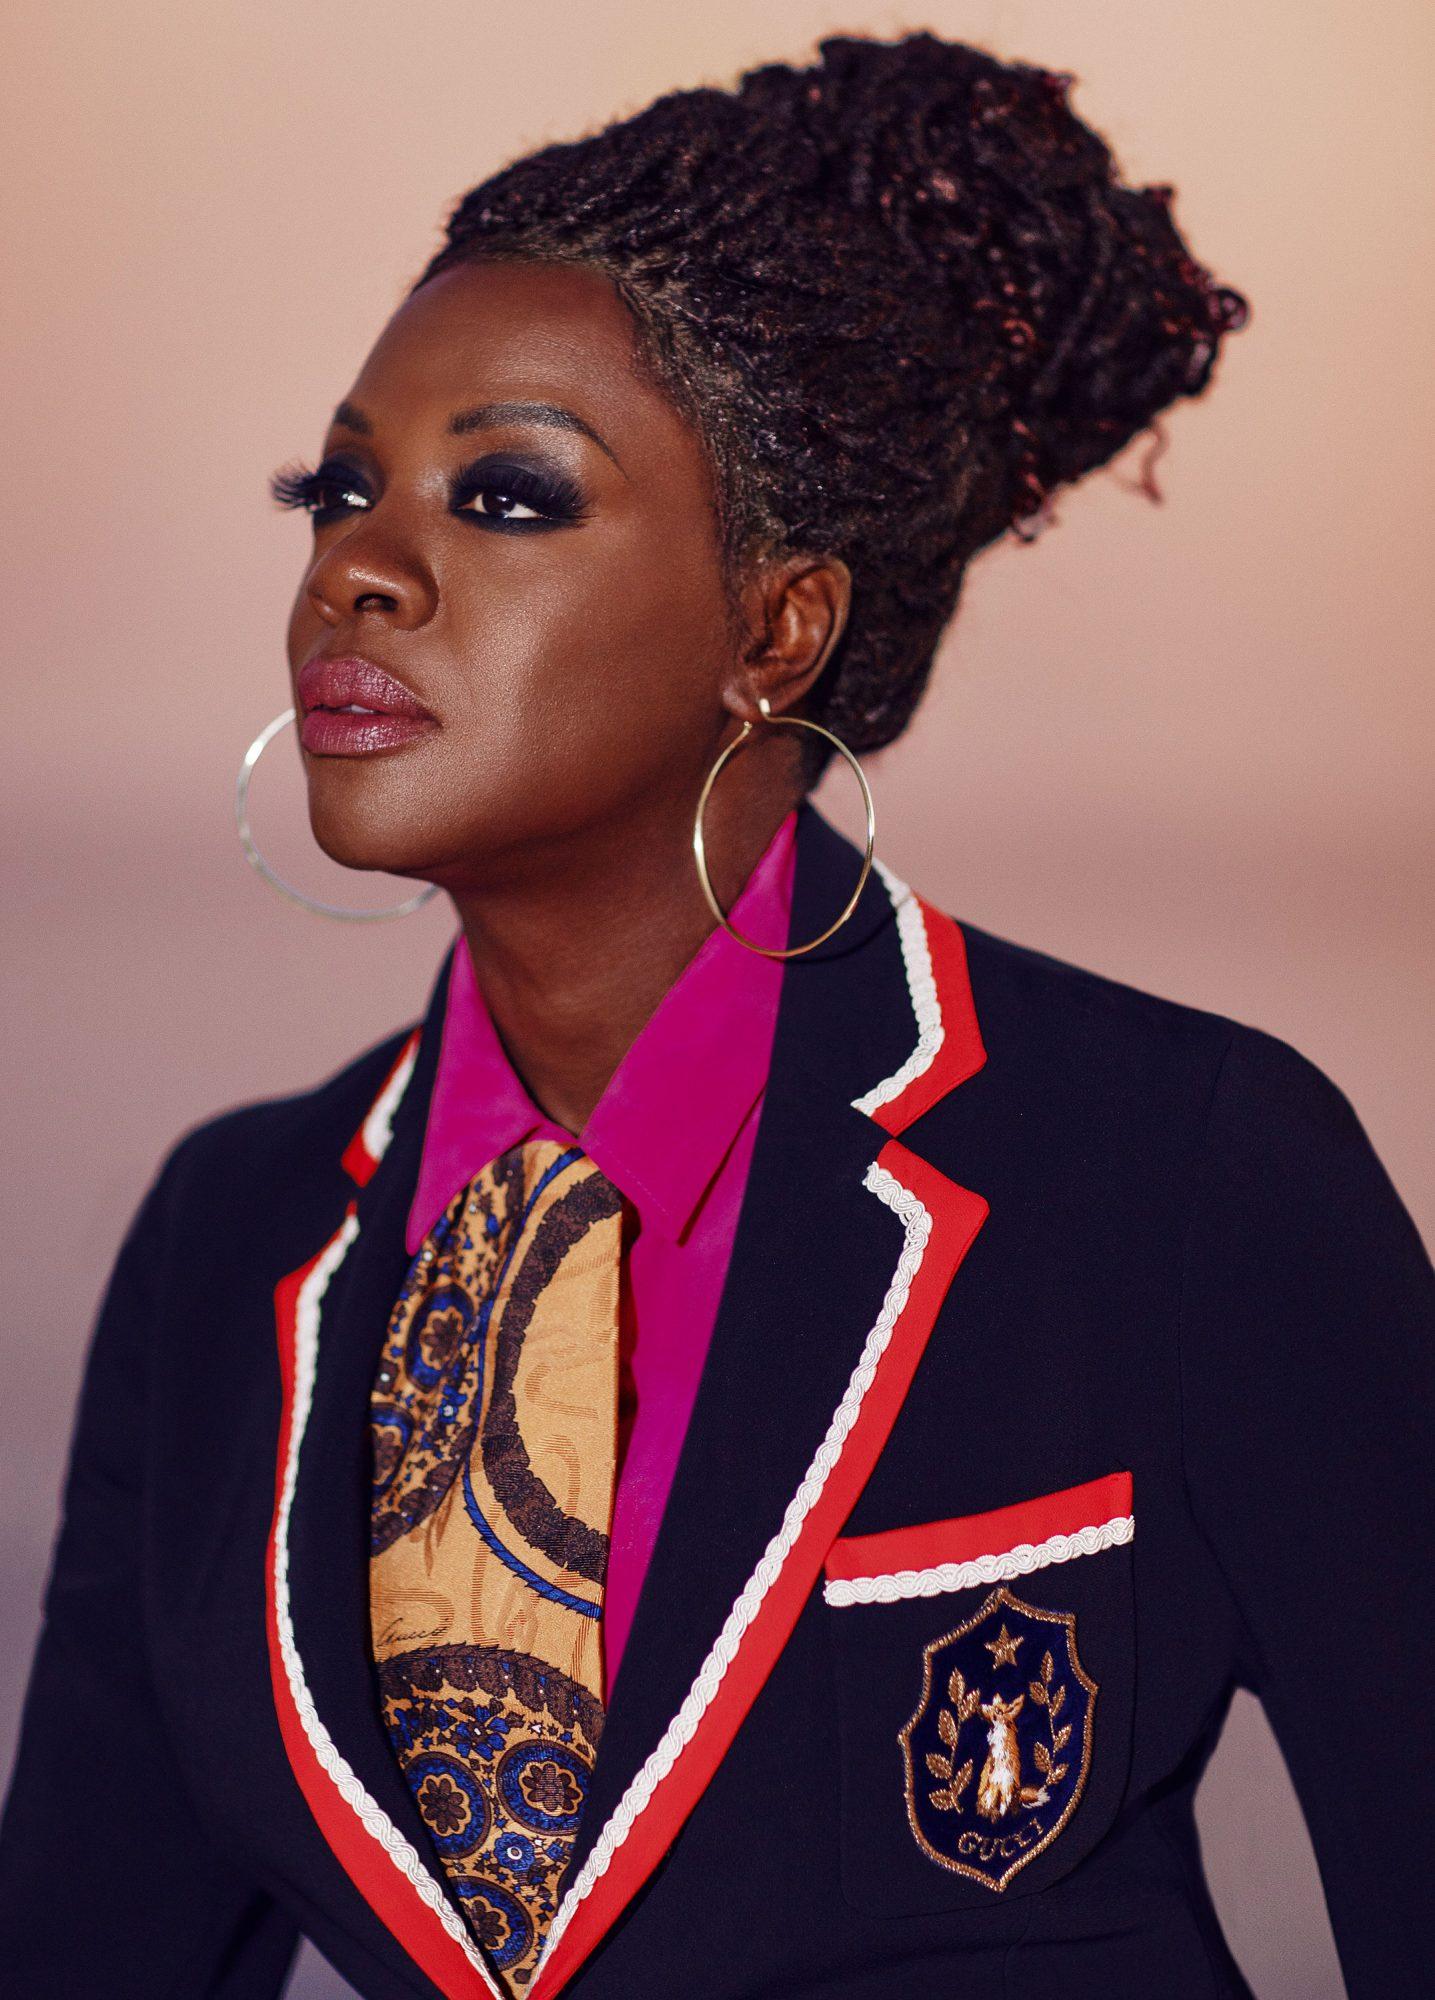 Viola-Davis-InStyle-Magazine-December-Issue